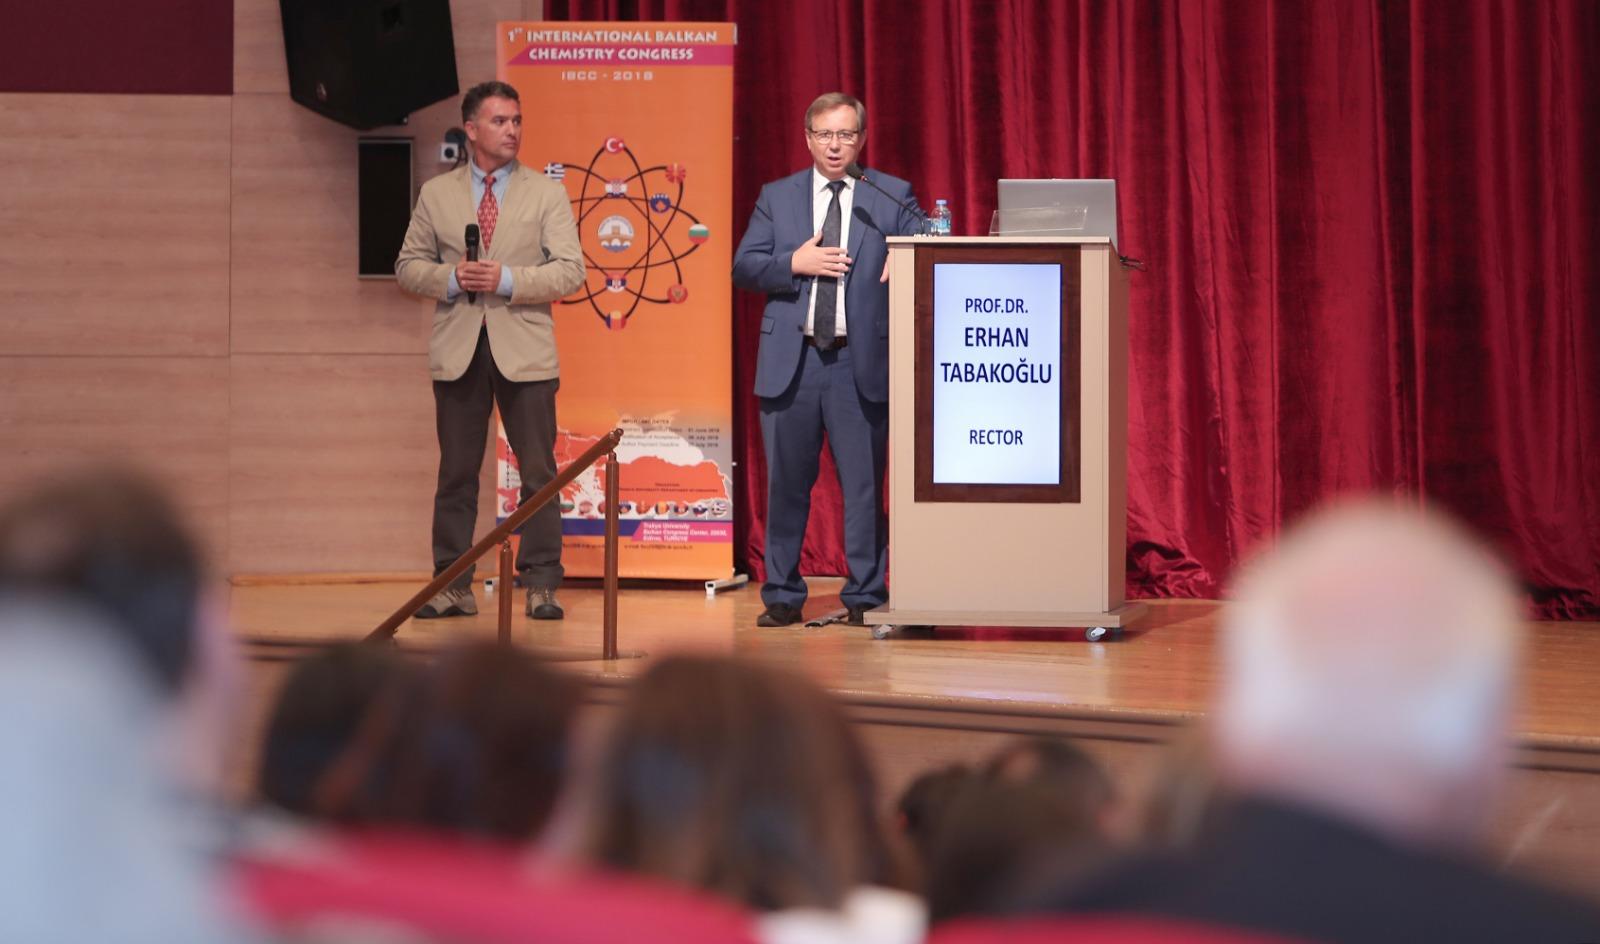 1.Uluslararası Balkan Kimya Kongresi Trakya Üniversitesi'nde Başladı.